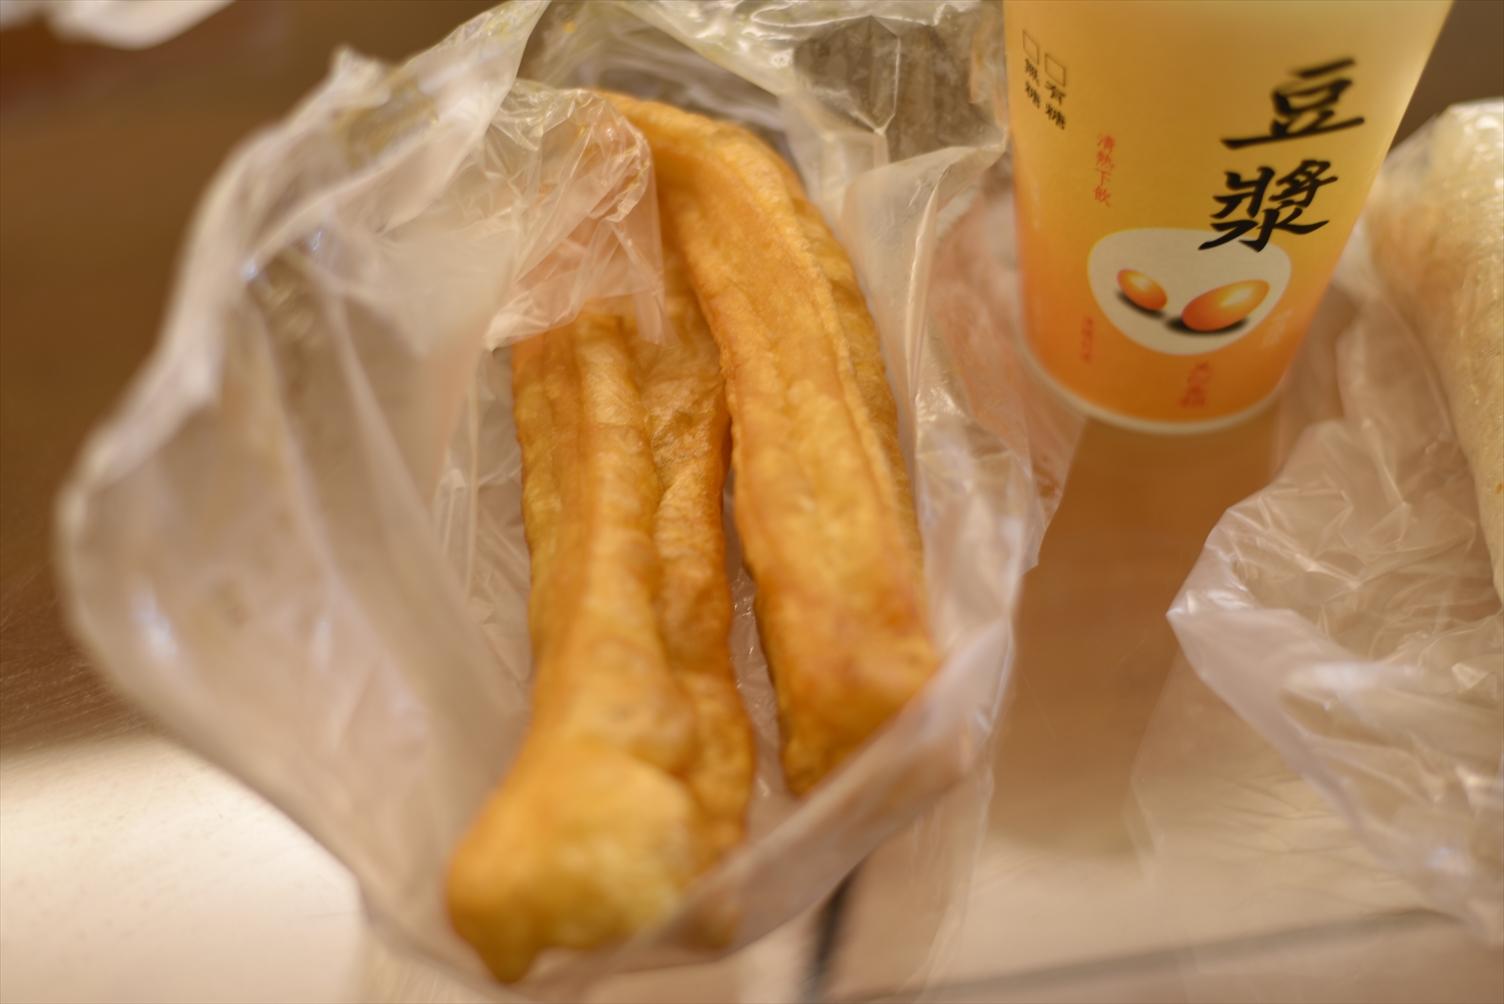 永和豆漿 台湾 定番朝食 油条